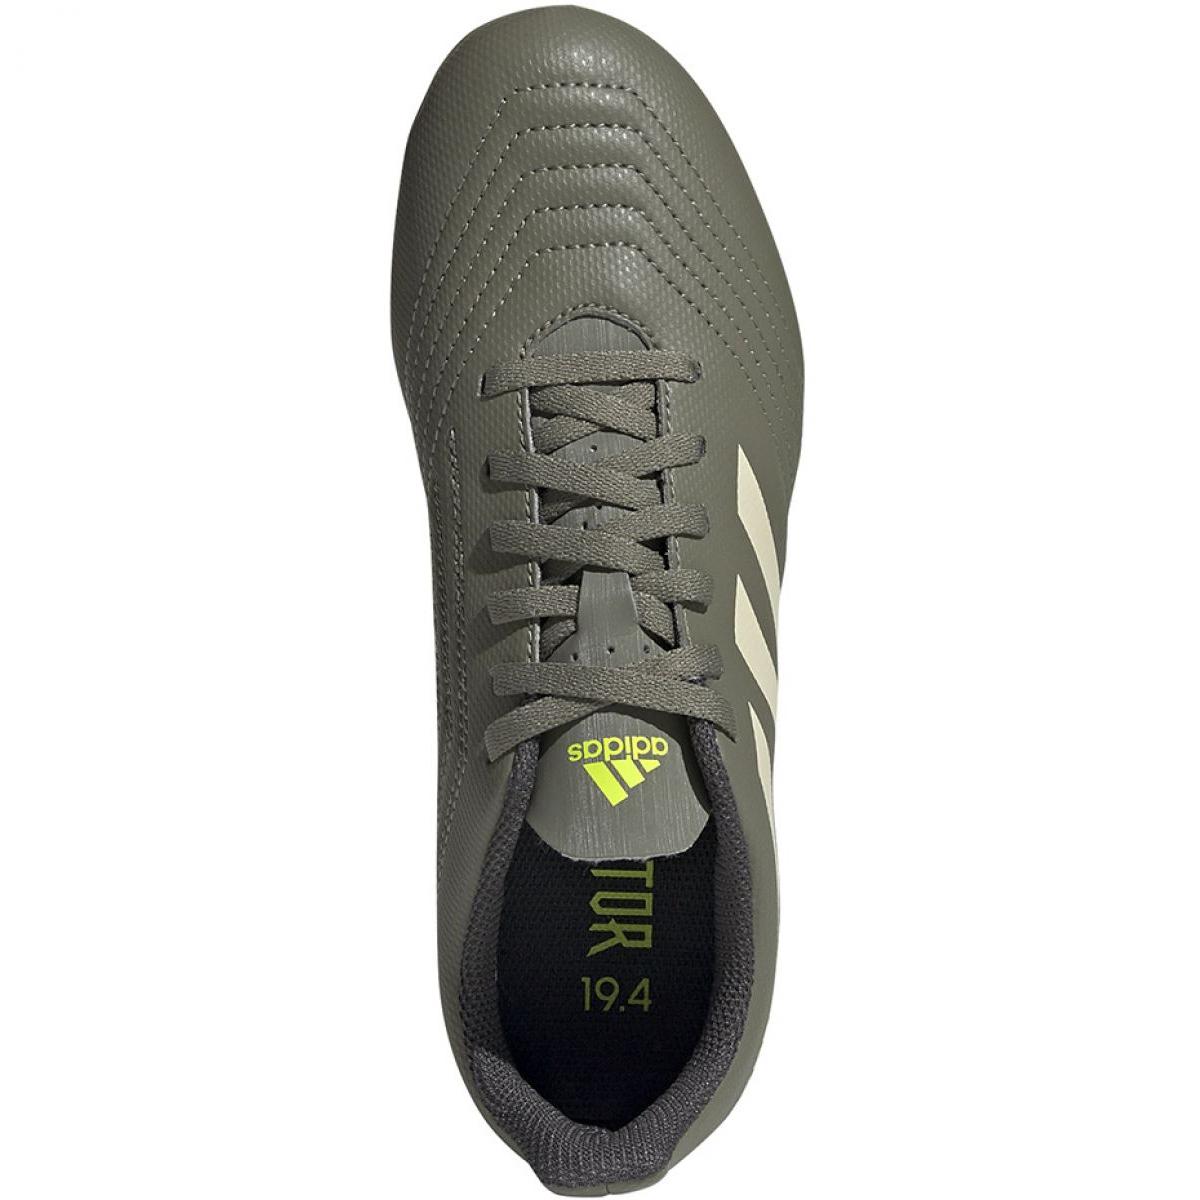 Buty piłkarskie adidas Predator 19.4 FxG Jr EF8221 biały, zielony szare